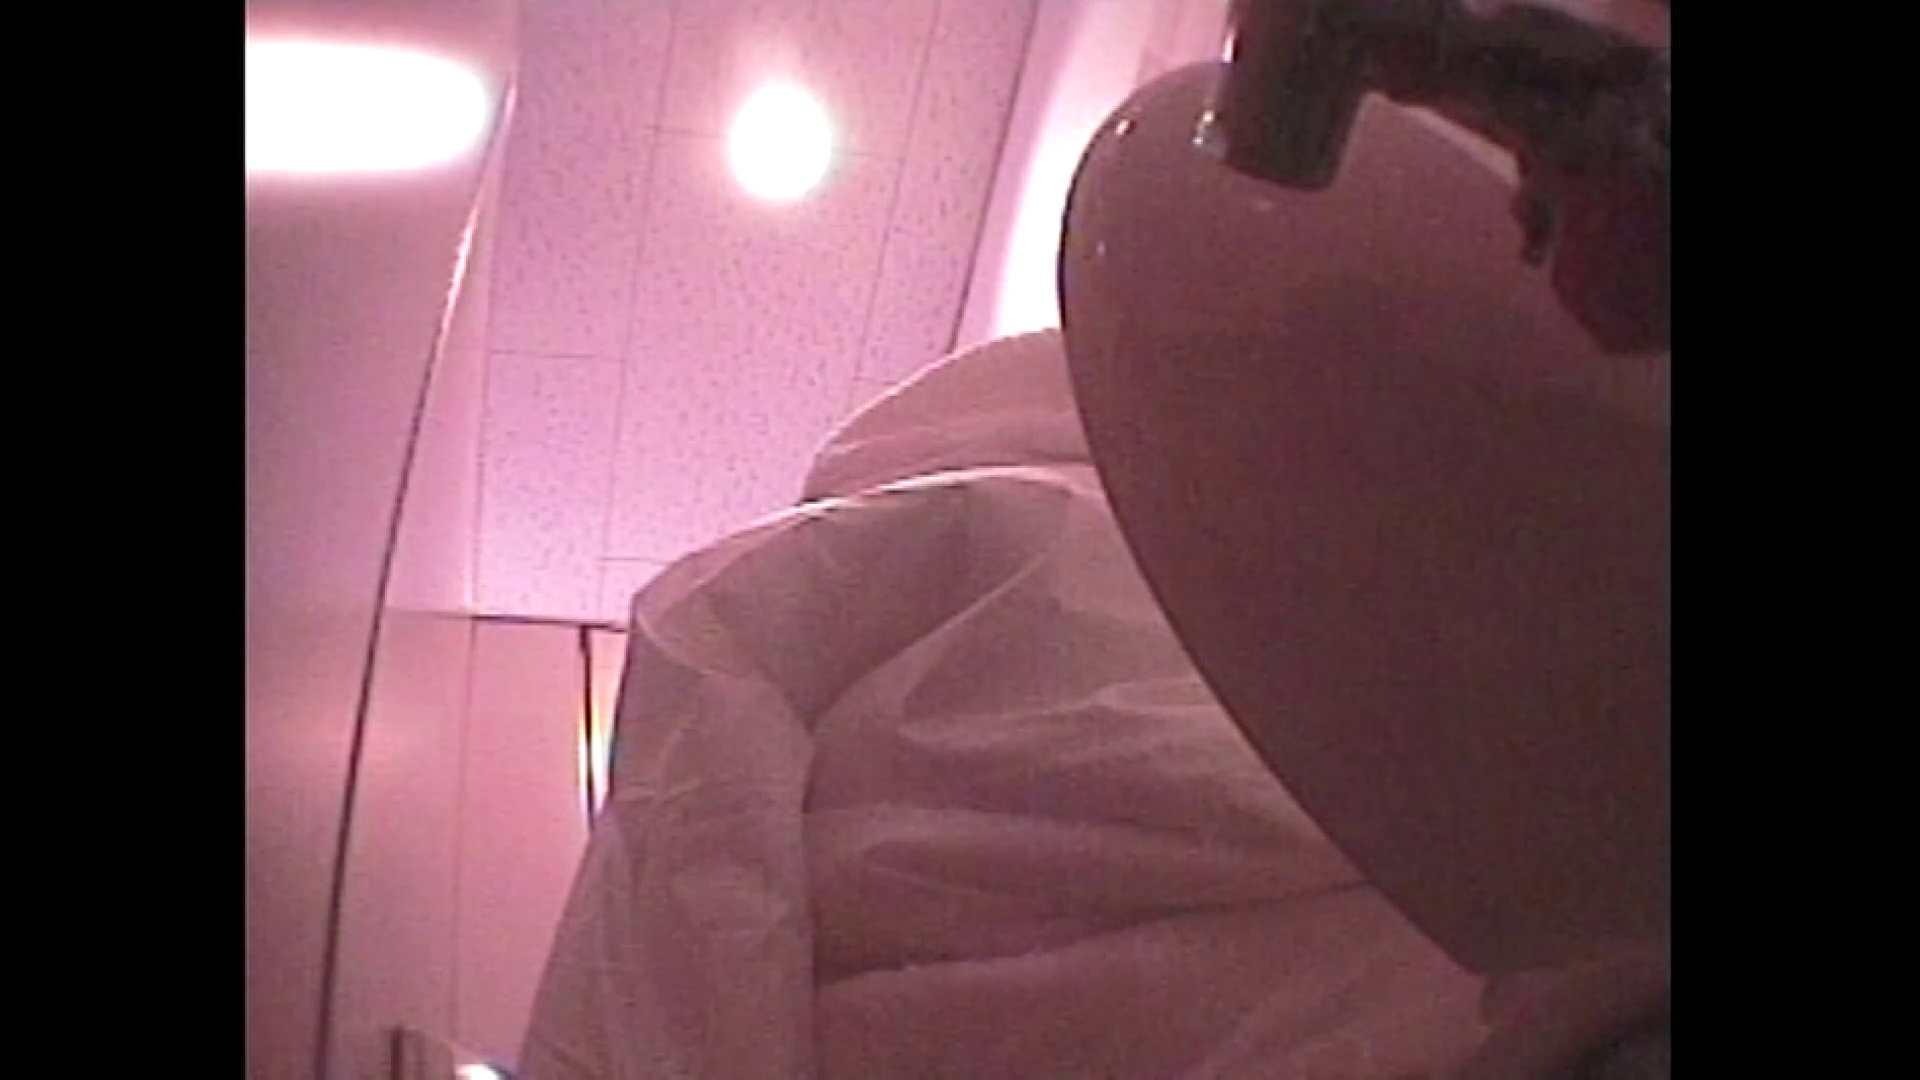 レース場での秘め事 Vol.20 色っぽいOL達 オマンコ動画キャプチャ 96pic 54